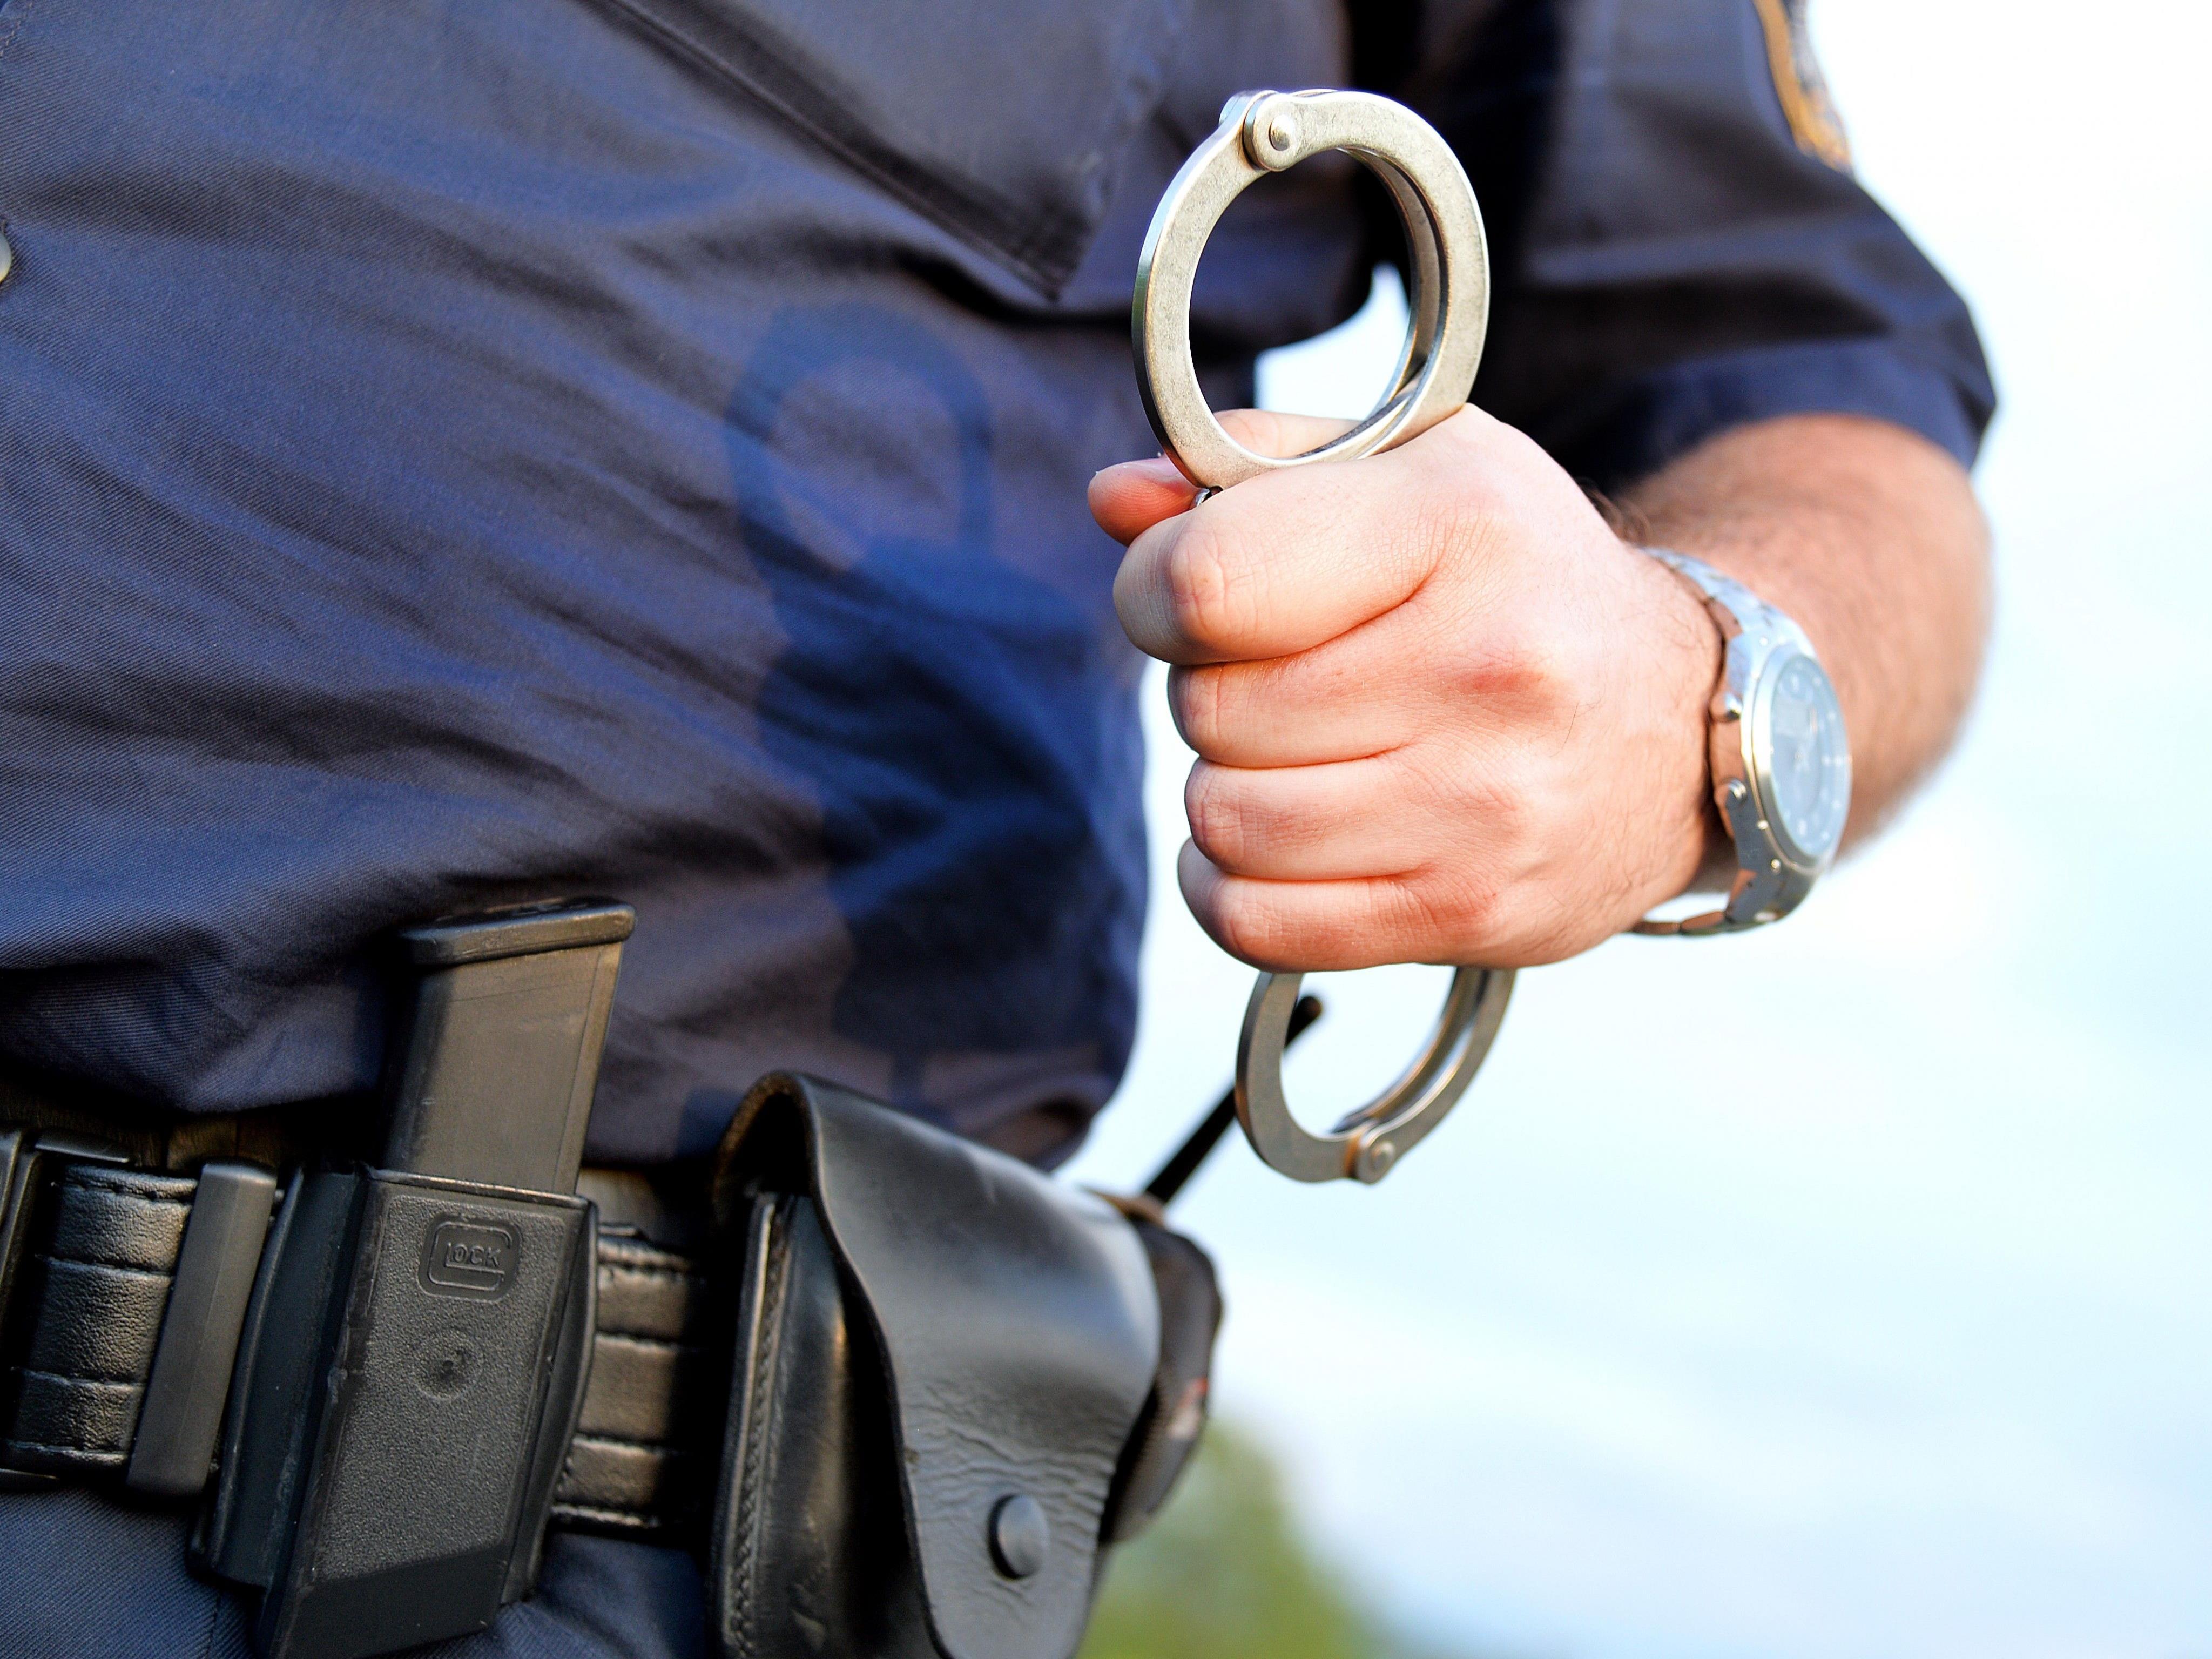 Ein Diebstrio wurde verhaftet